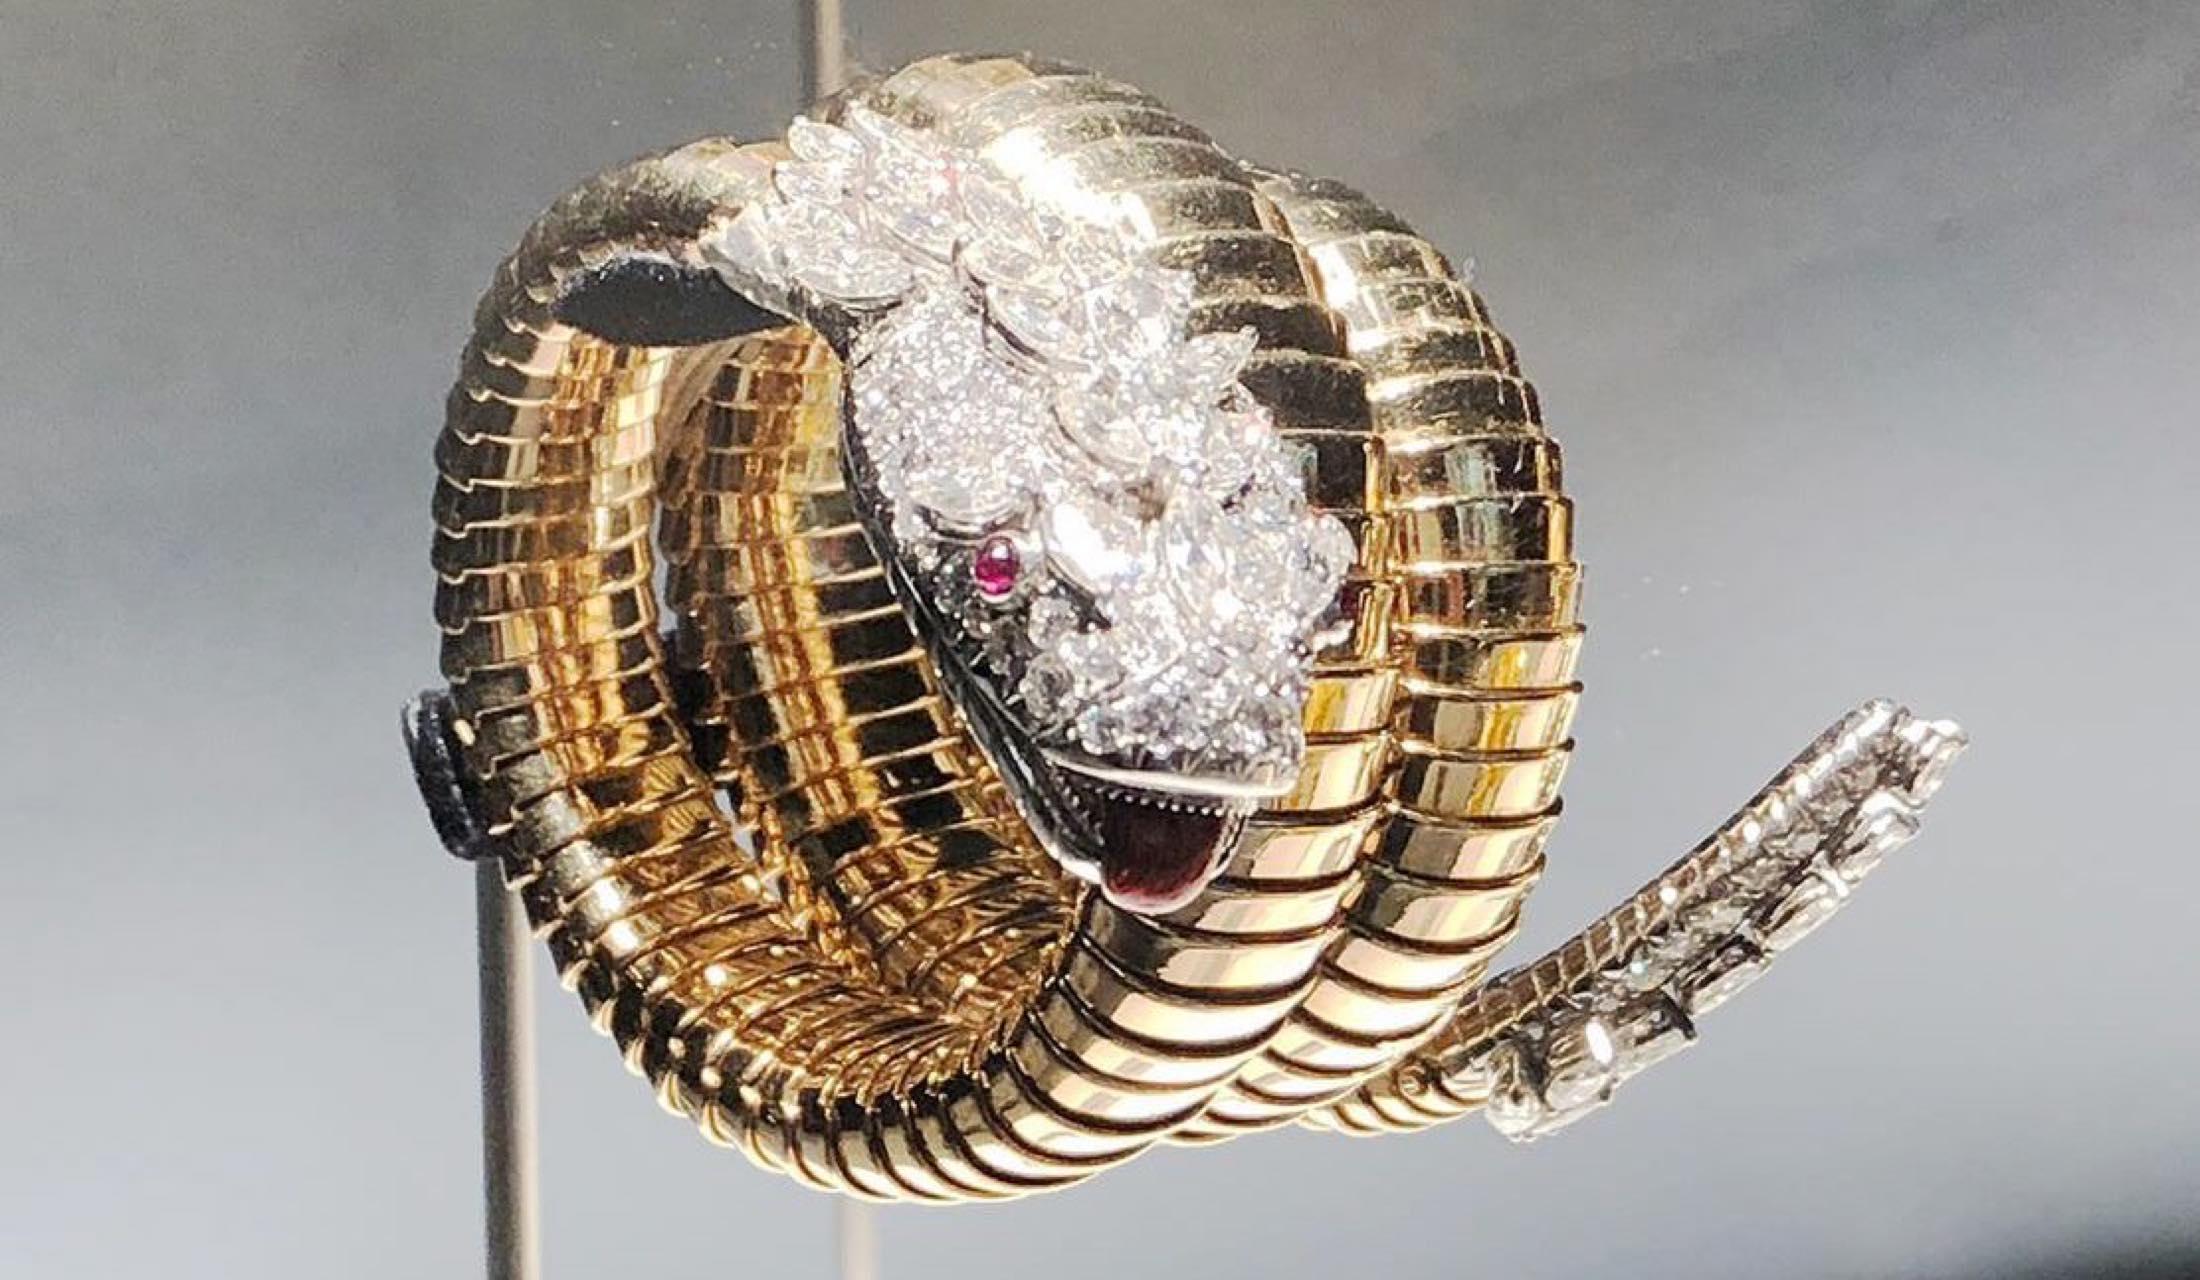 「ブルガリ セルペンティフォーム アート ジュエリー デザイン」の初期の時計たち